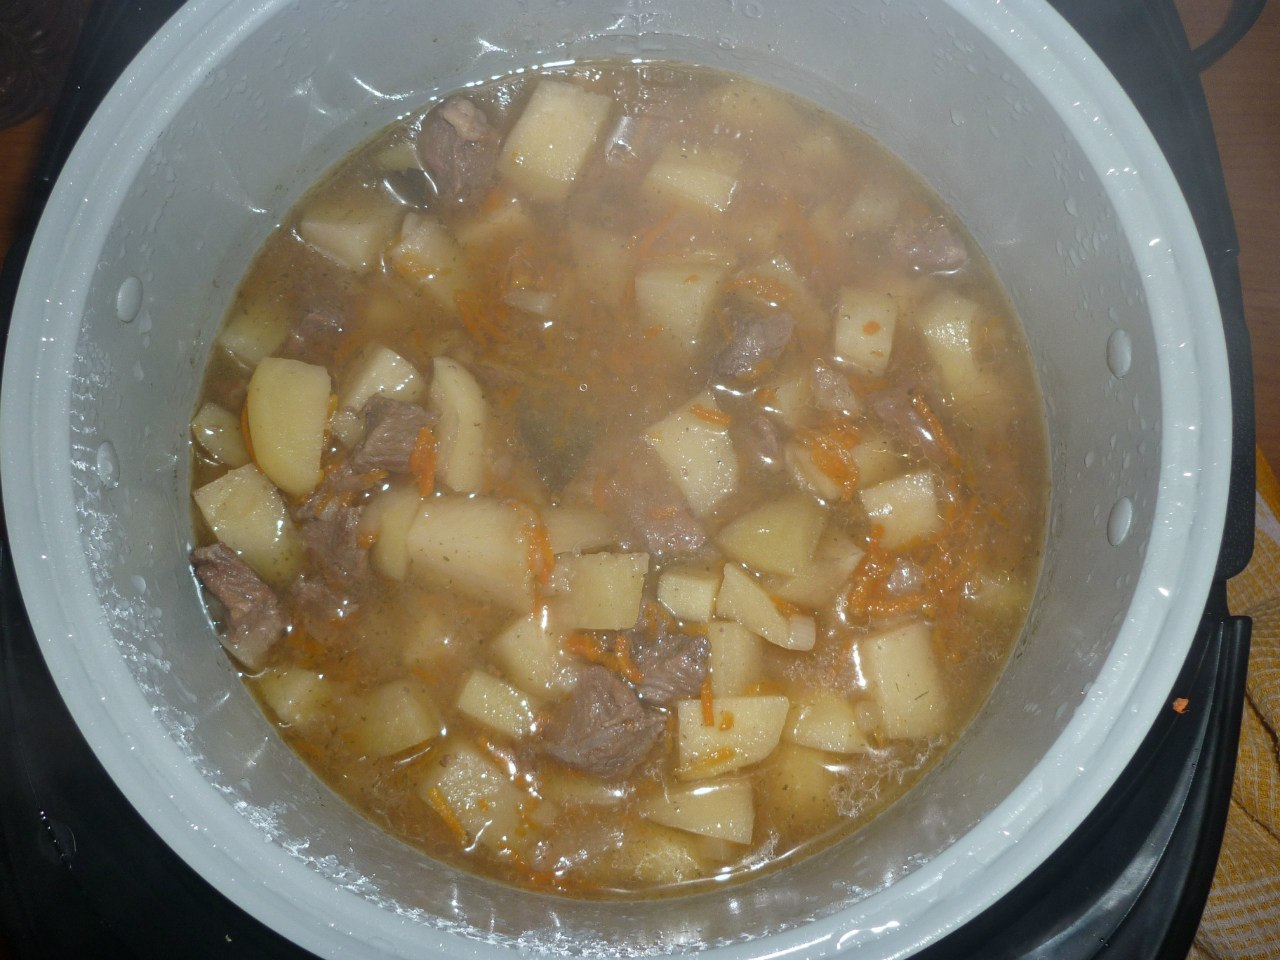 Мясо с картошкой в мультиварке рецепты поларис 0517